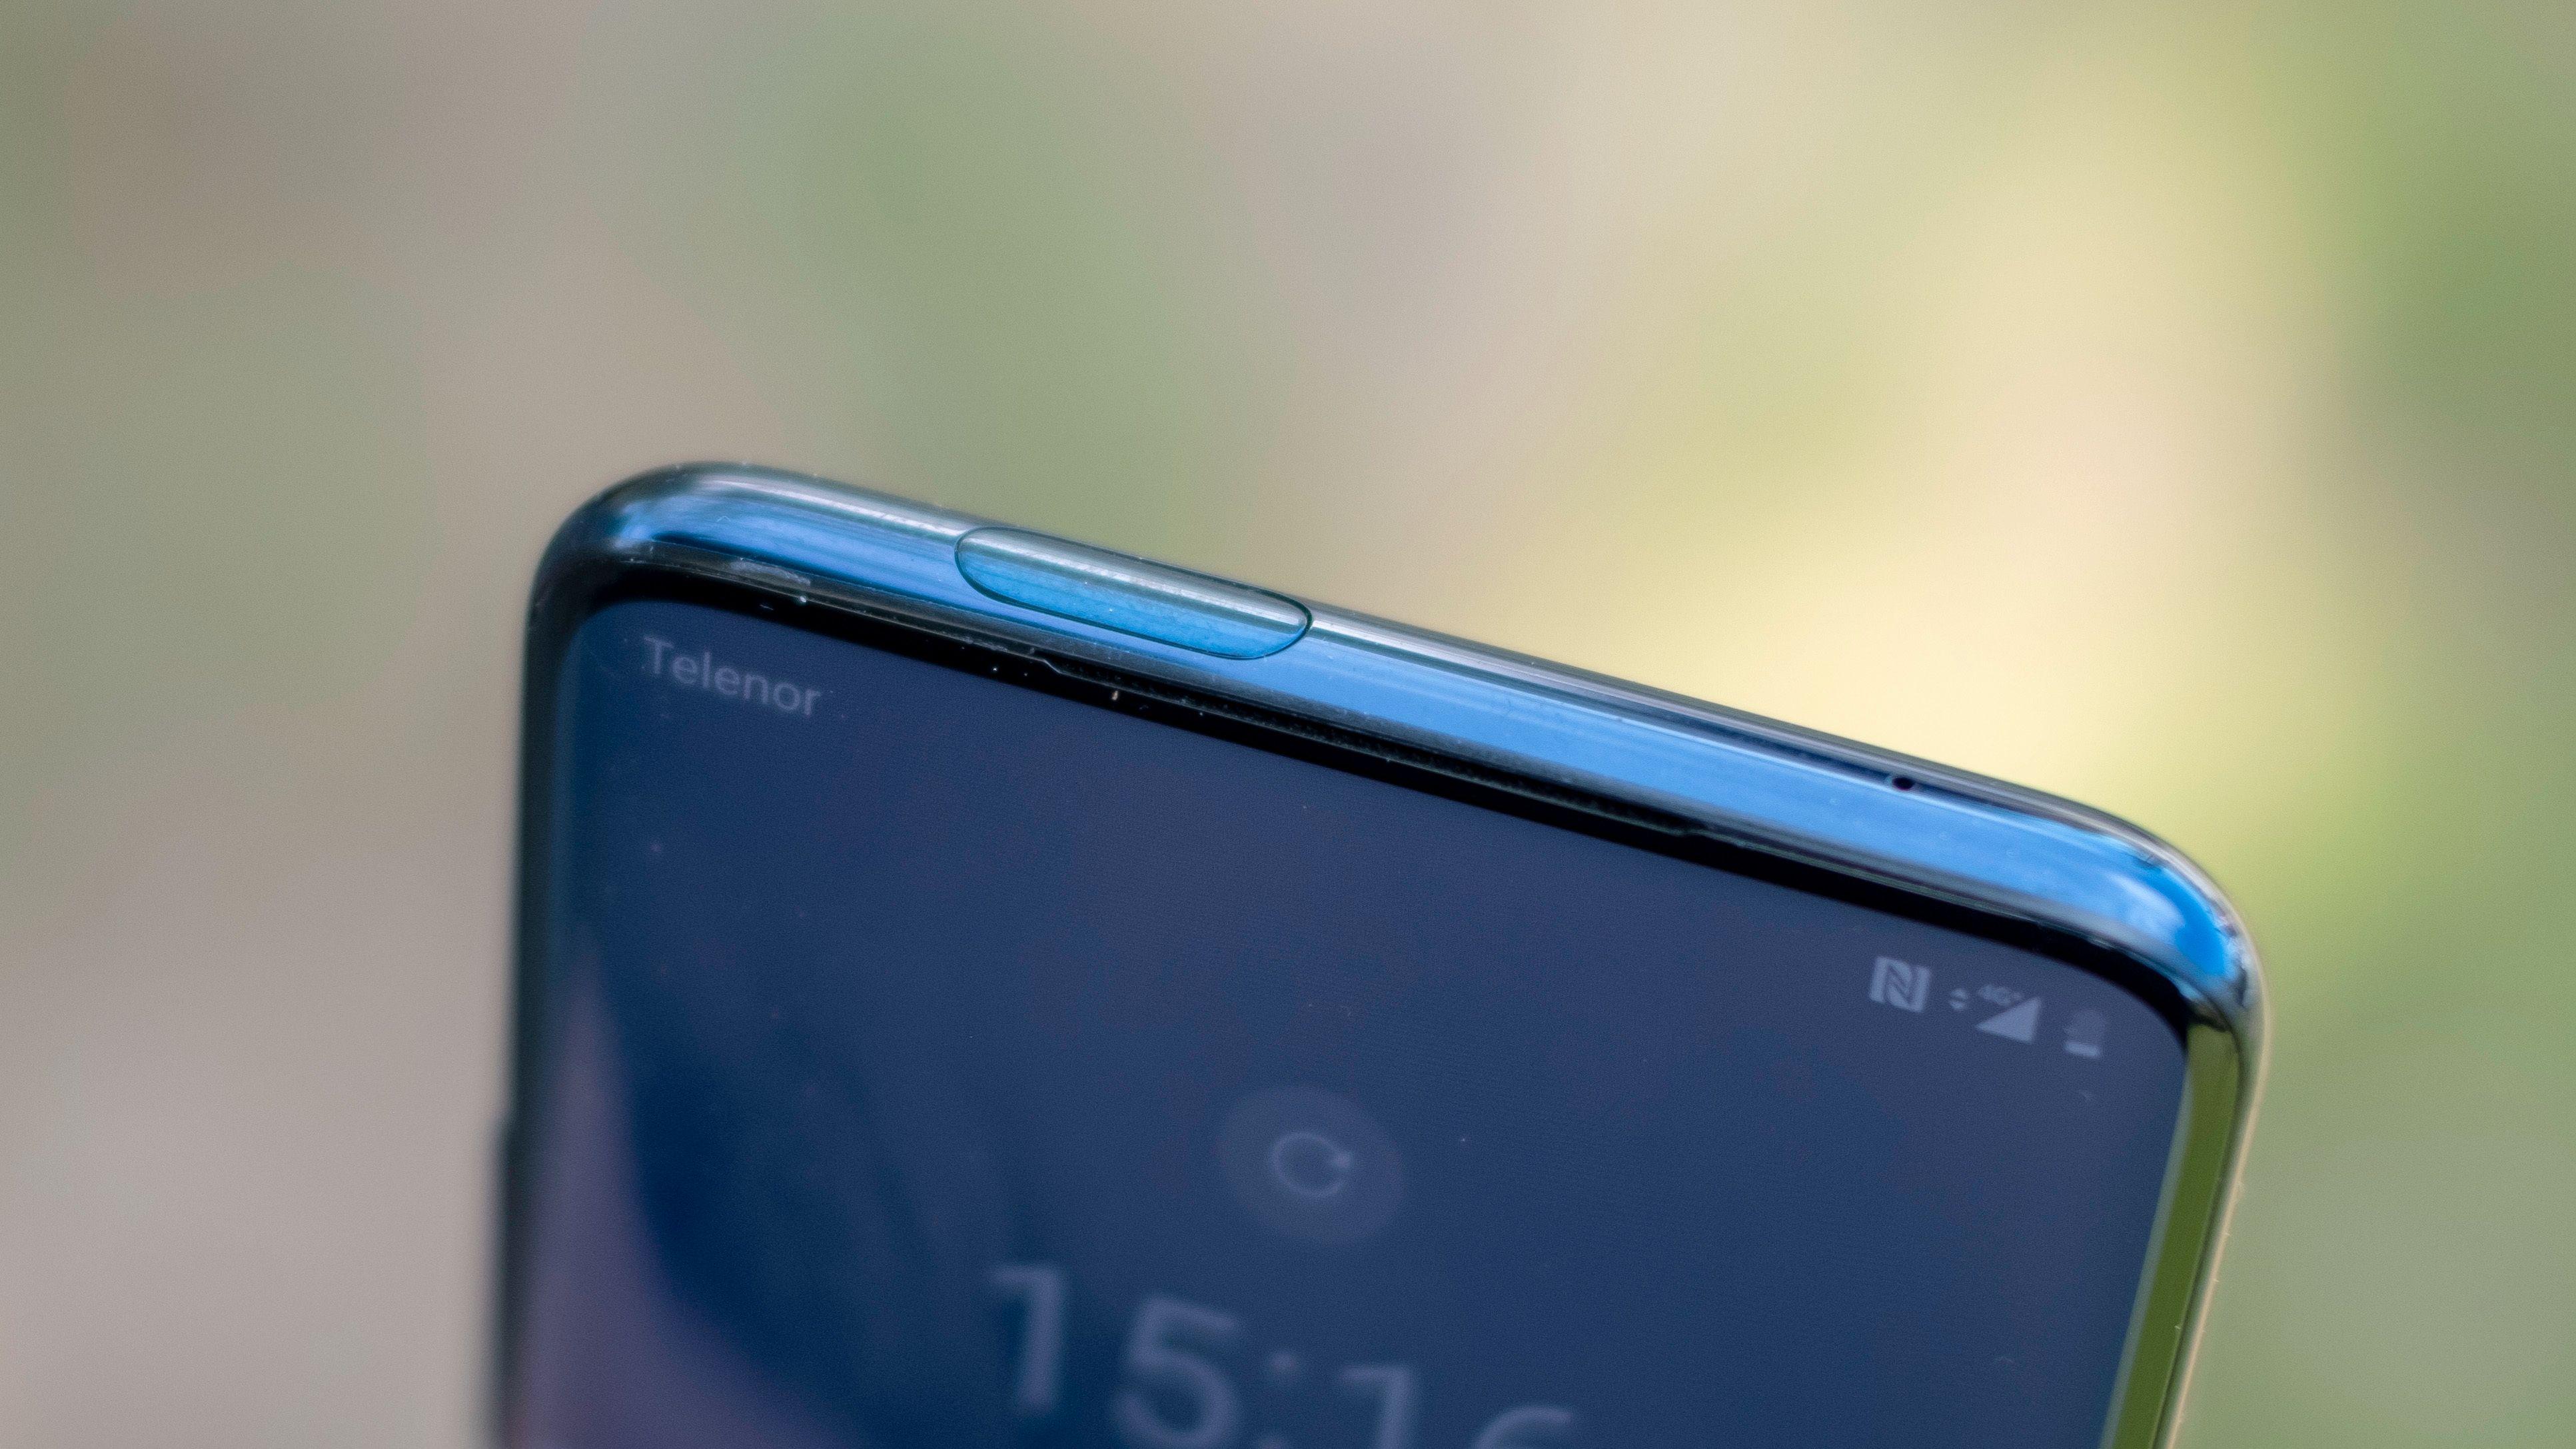 Noen sertifisering for at OnePlus 7 Pro er vanntett får du ikke. Men til tross for mange åpninger og en del bevegelige deler skal den tåle vanlig regnvær. Det er også pakninger på SIM-skuffen som viser at den ikke er helt ubeskyttet.